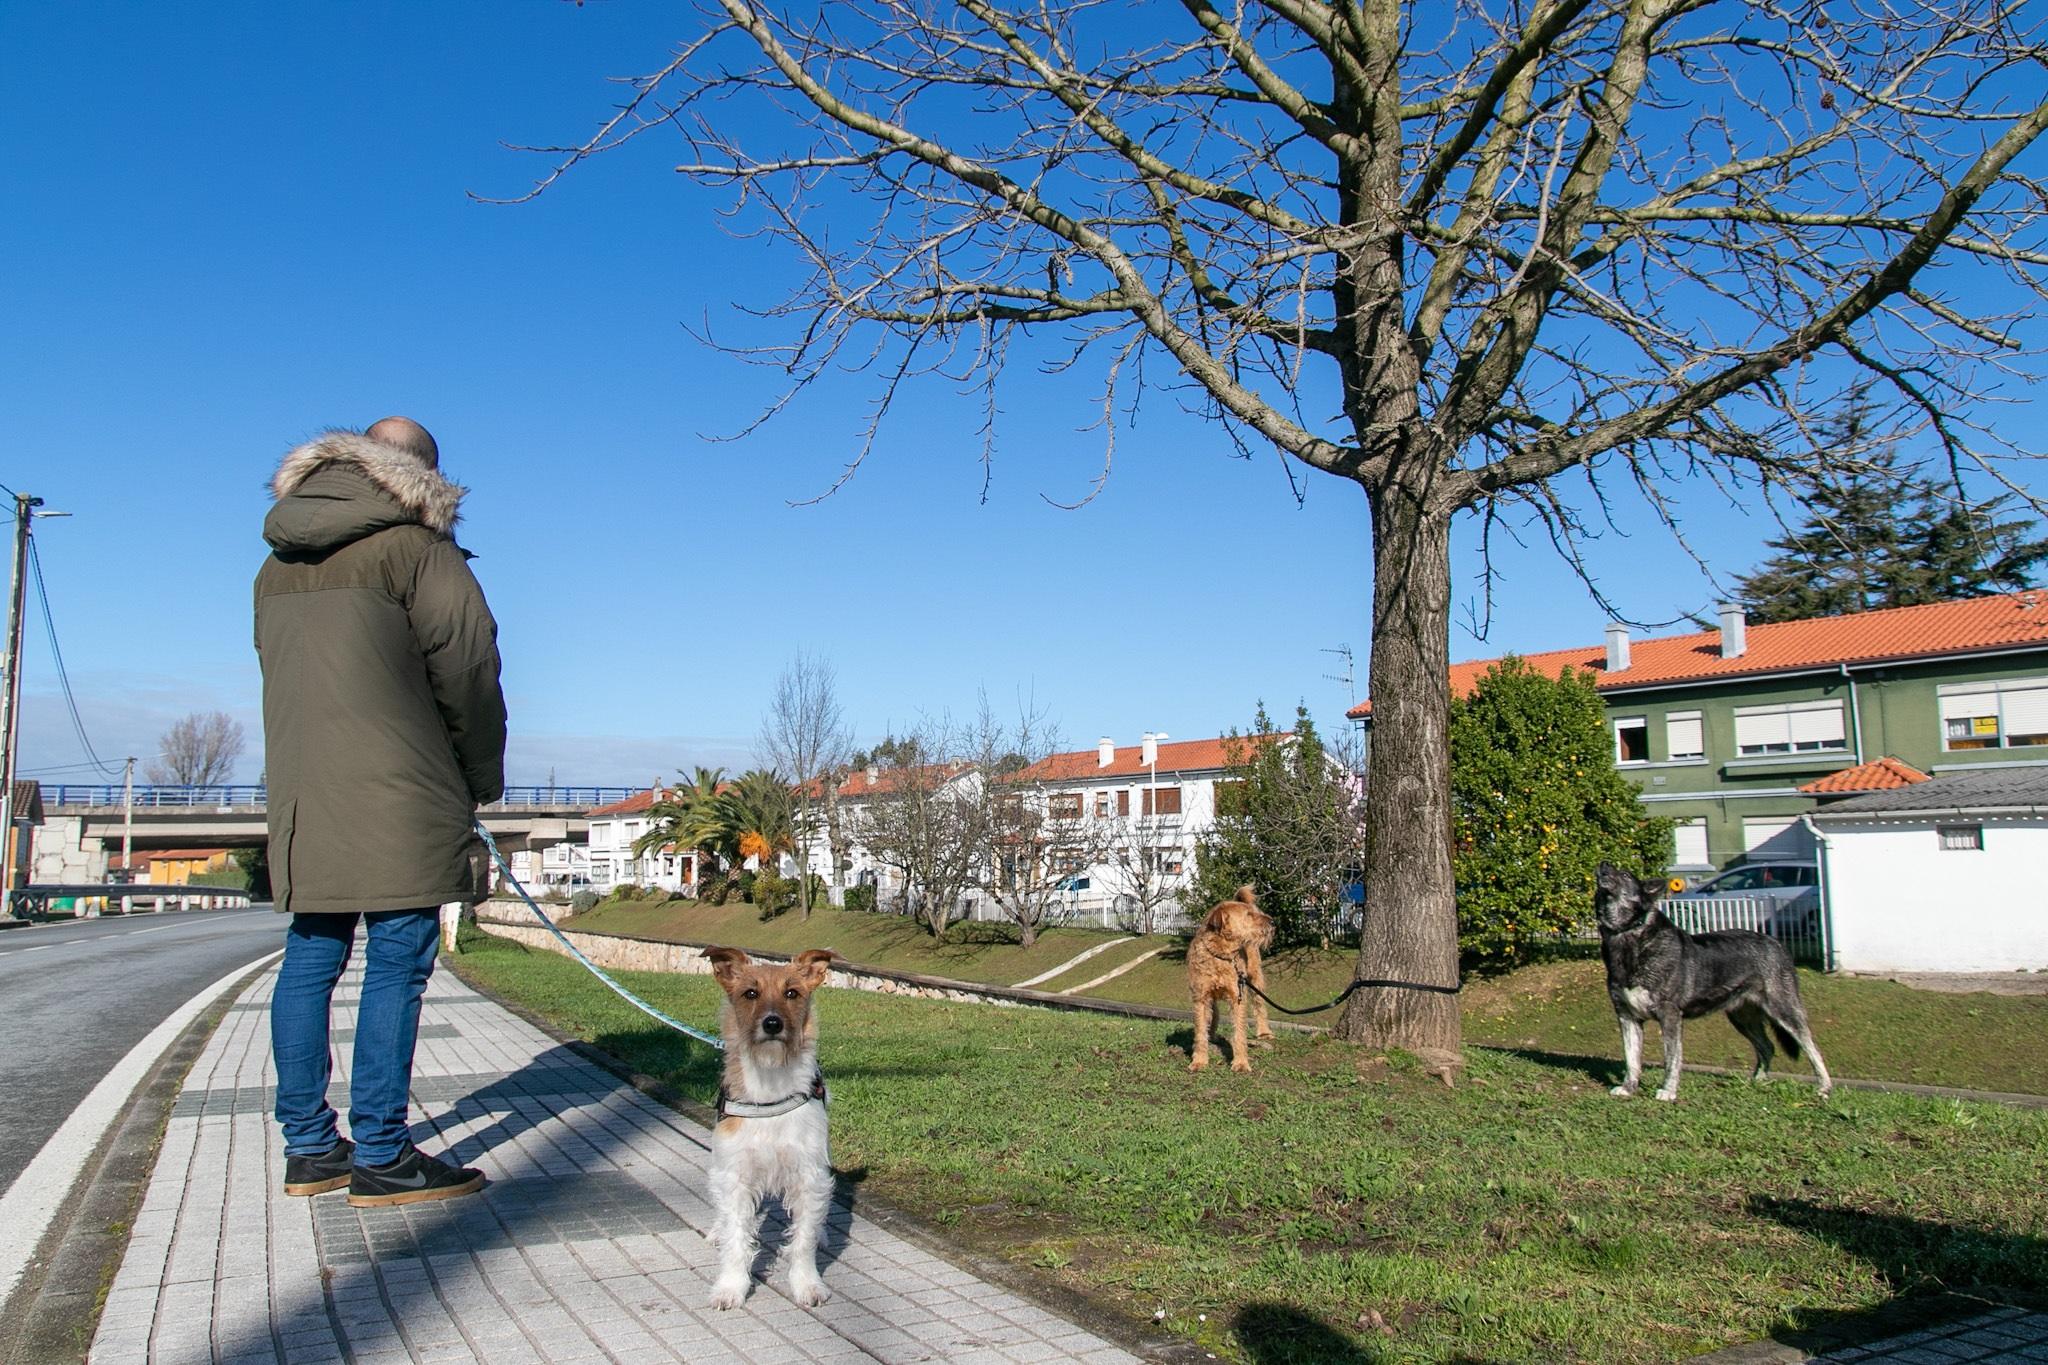 CANTABRIA.-El TSJC desestima un recurso que pretendía impugnar la Ordenanza de Bienestar Animal de Polanco